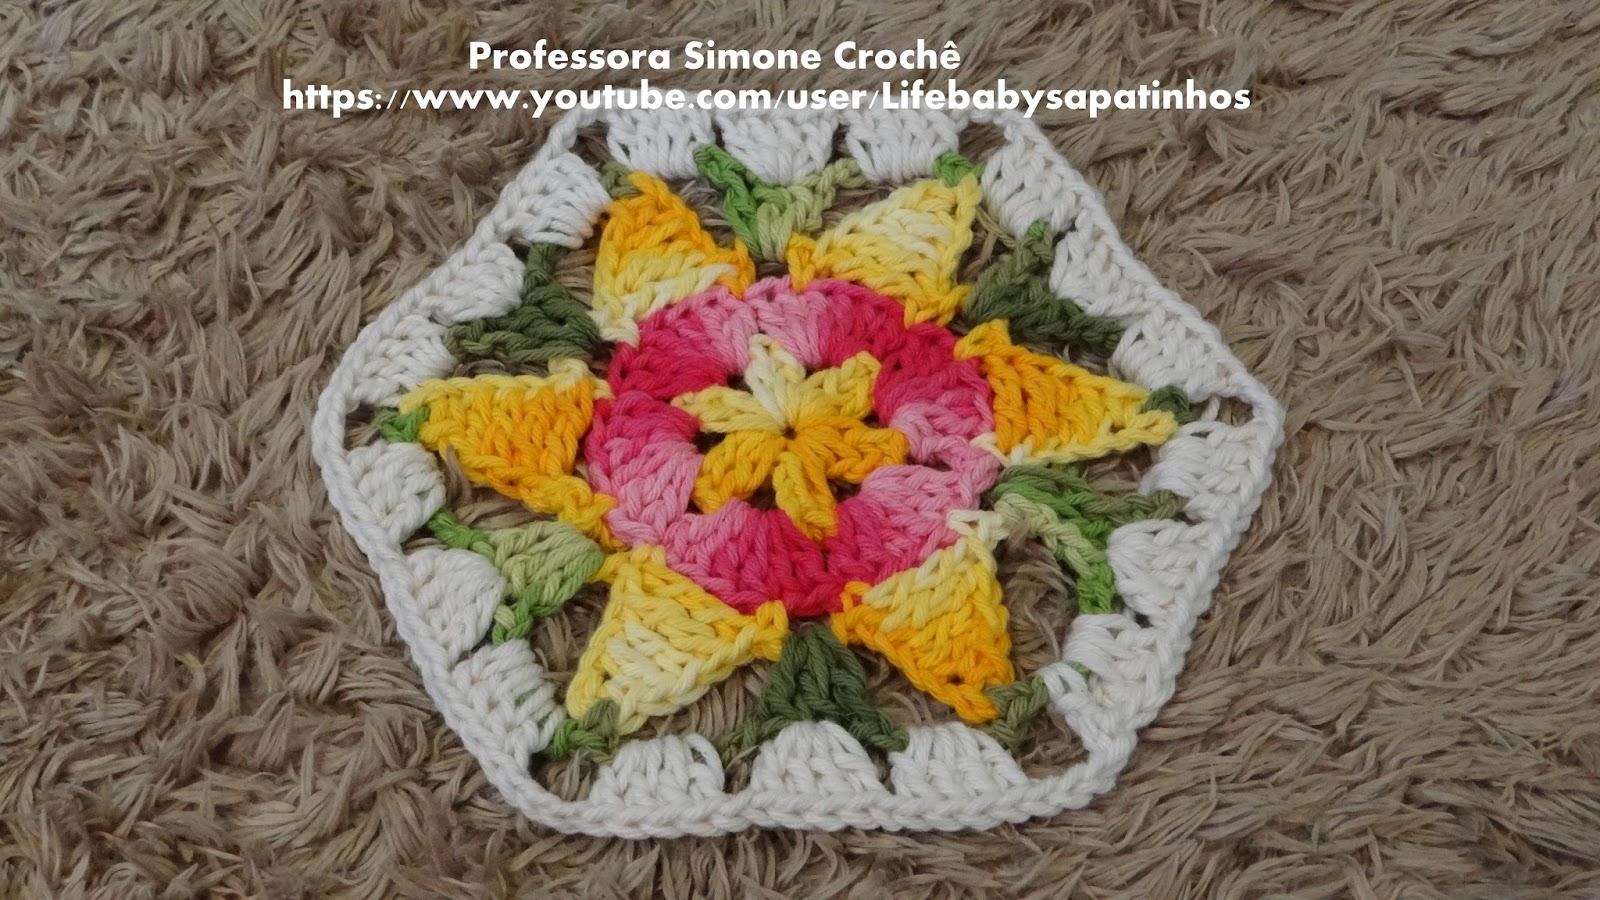 Professora Simone Crochê